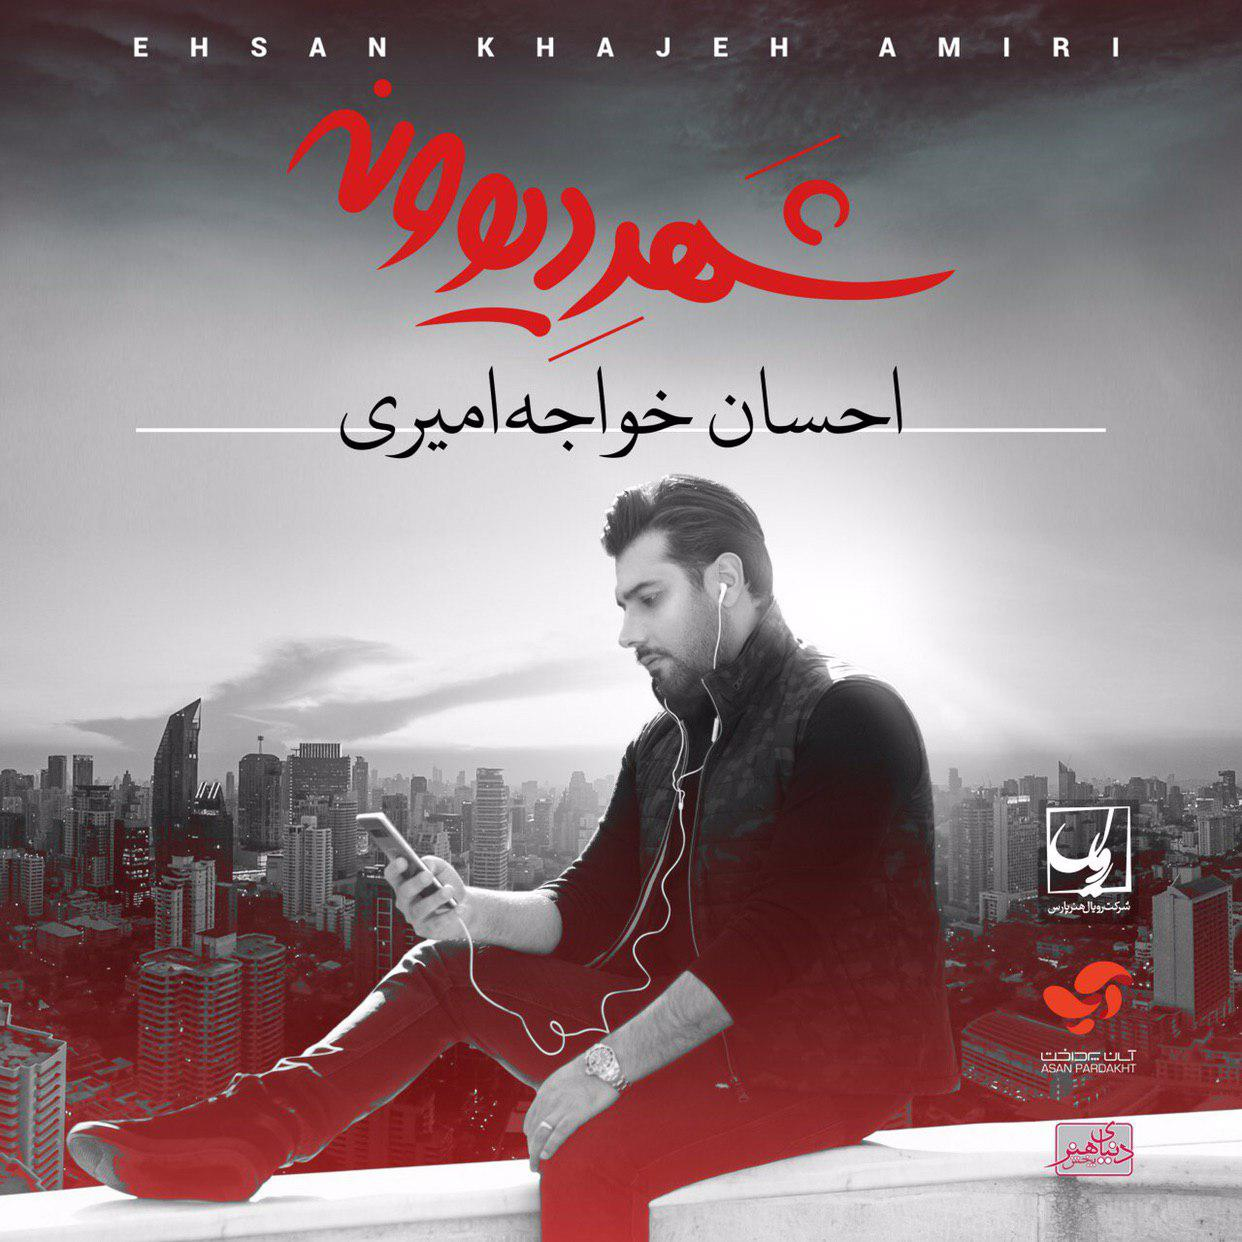 آلبوم شهر دیوونه با صدای احسان خواجه امیری